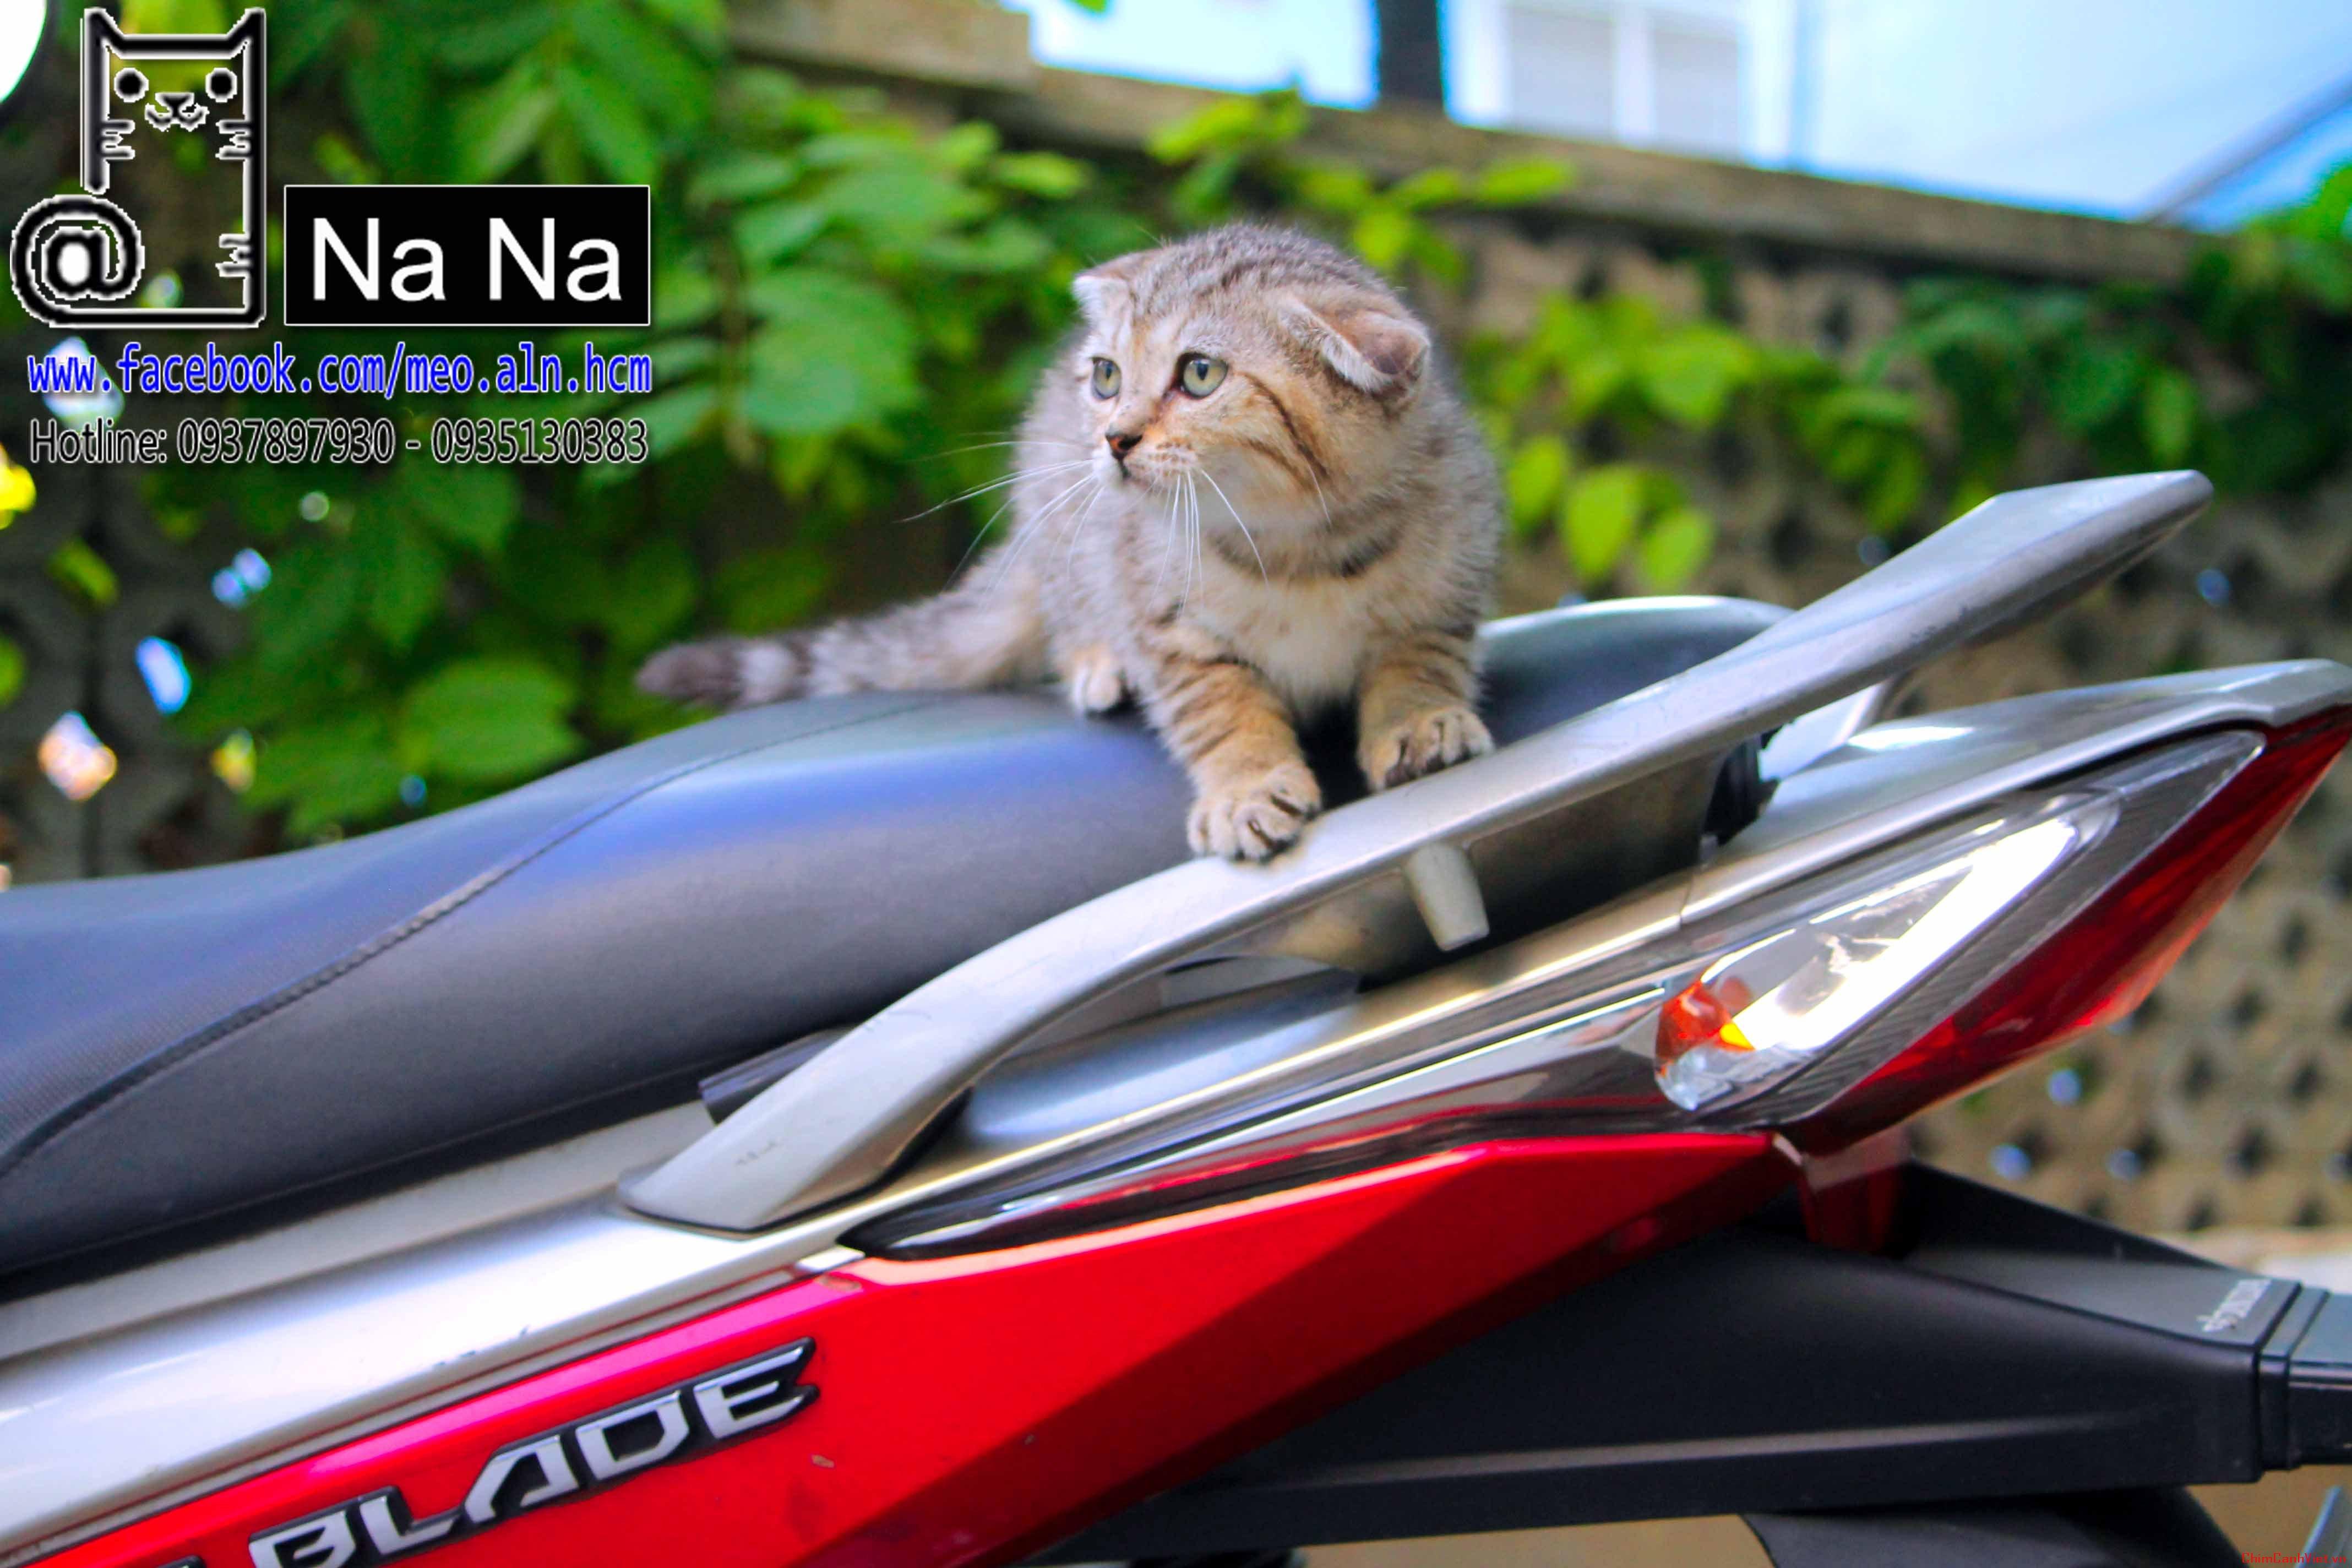 mèo aln, mèo anh lông ngắn, meo aln thuan chung, bán mèo aln tphcm, mèo aln thuần chủng (6).JPG